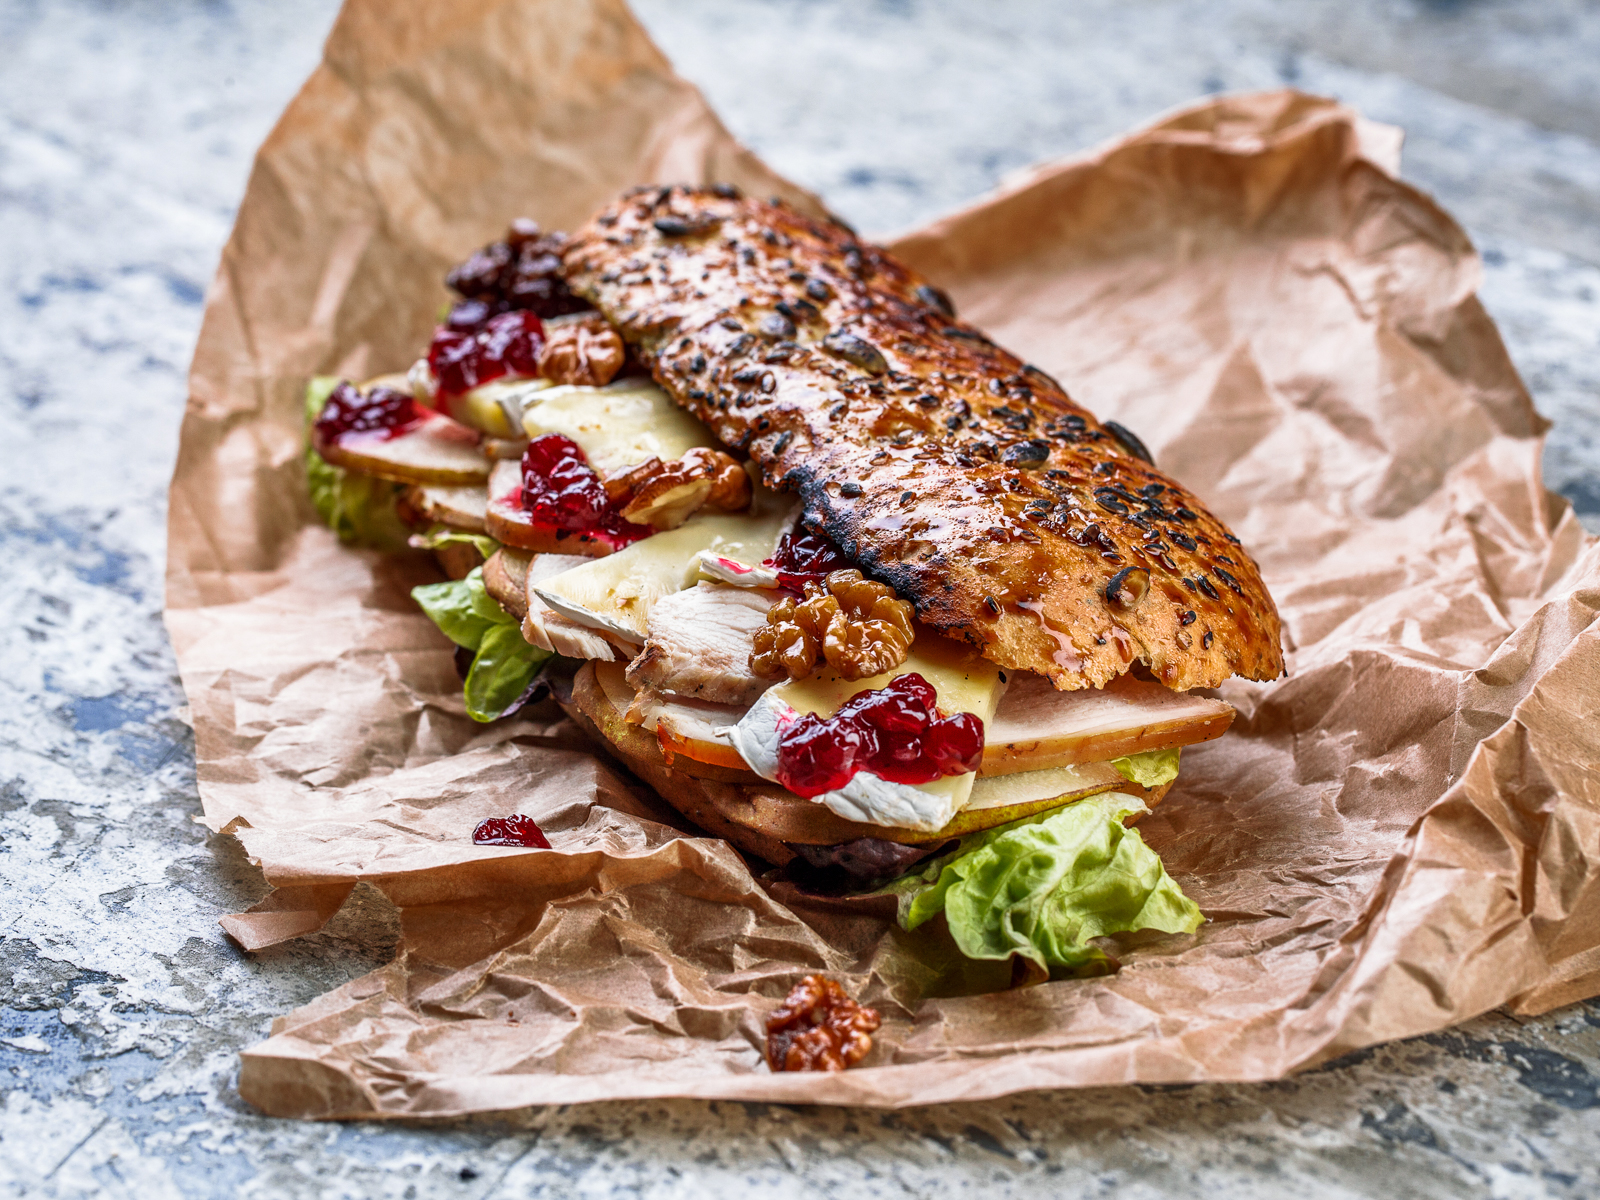 Сэндвич с копченой индейкой, грушей и сыром бри